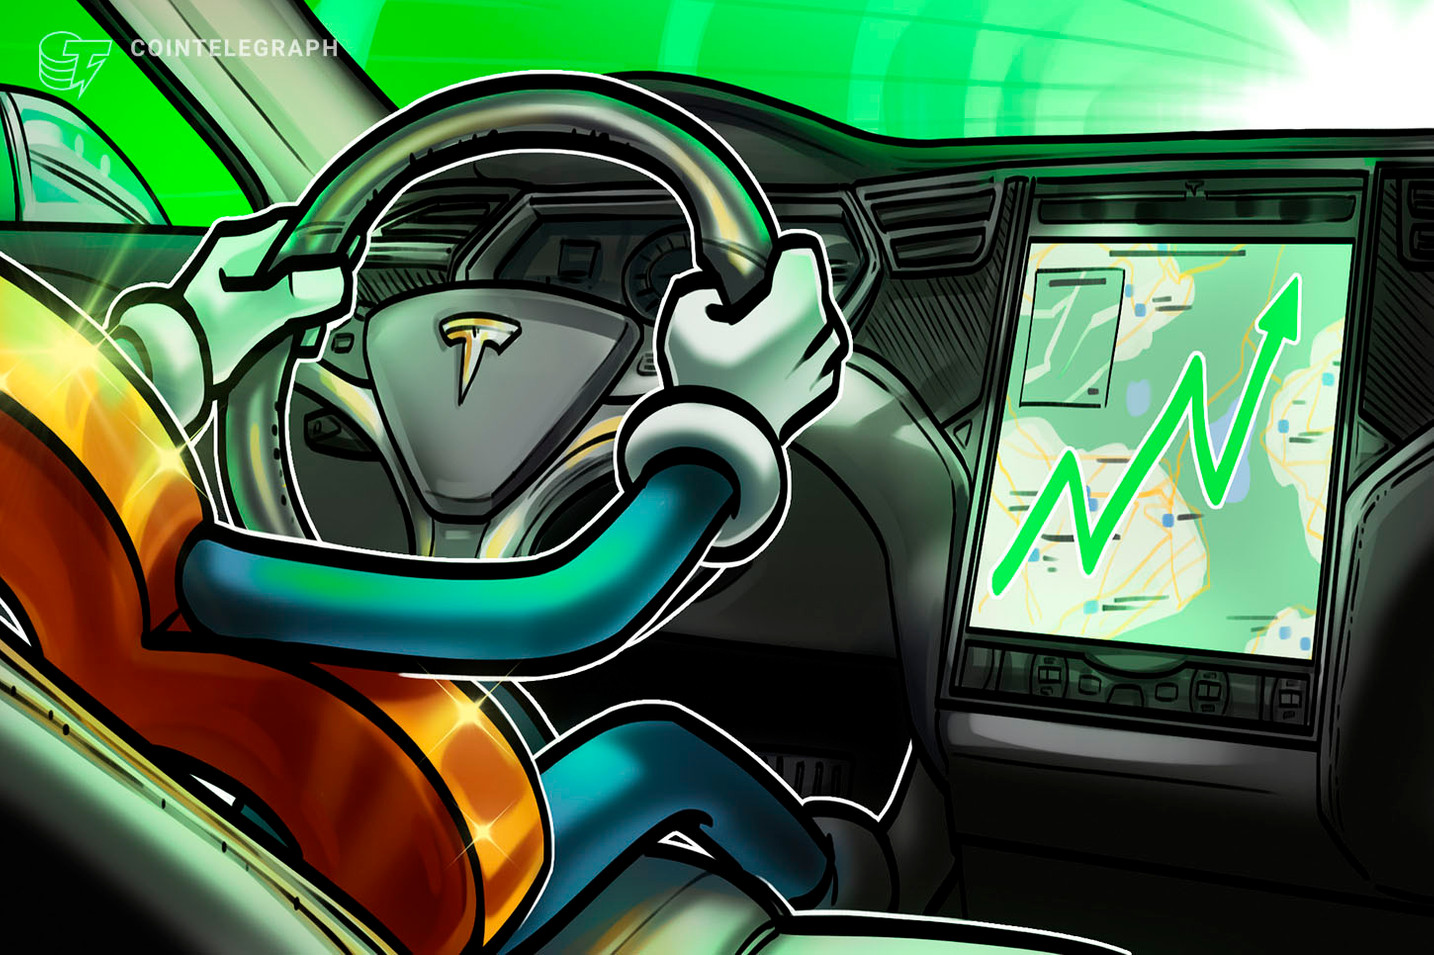 Tesla registra entrate da un miliardo di dollari nel Q2 malgrado il calo di BTC